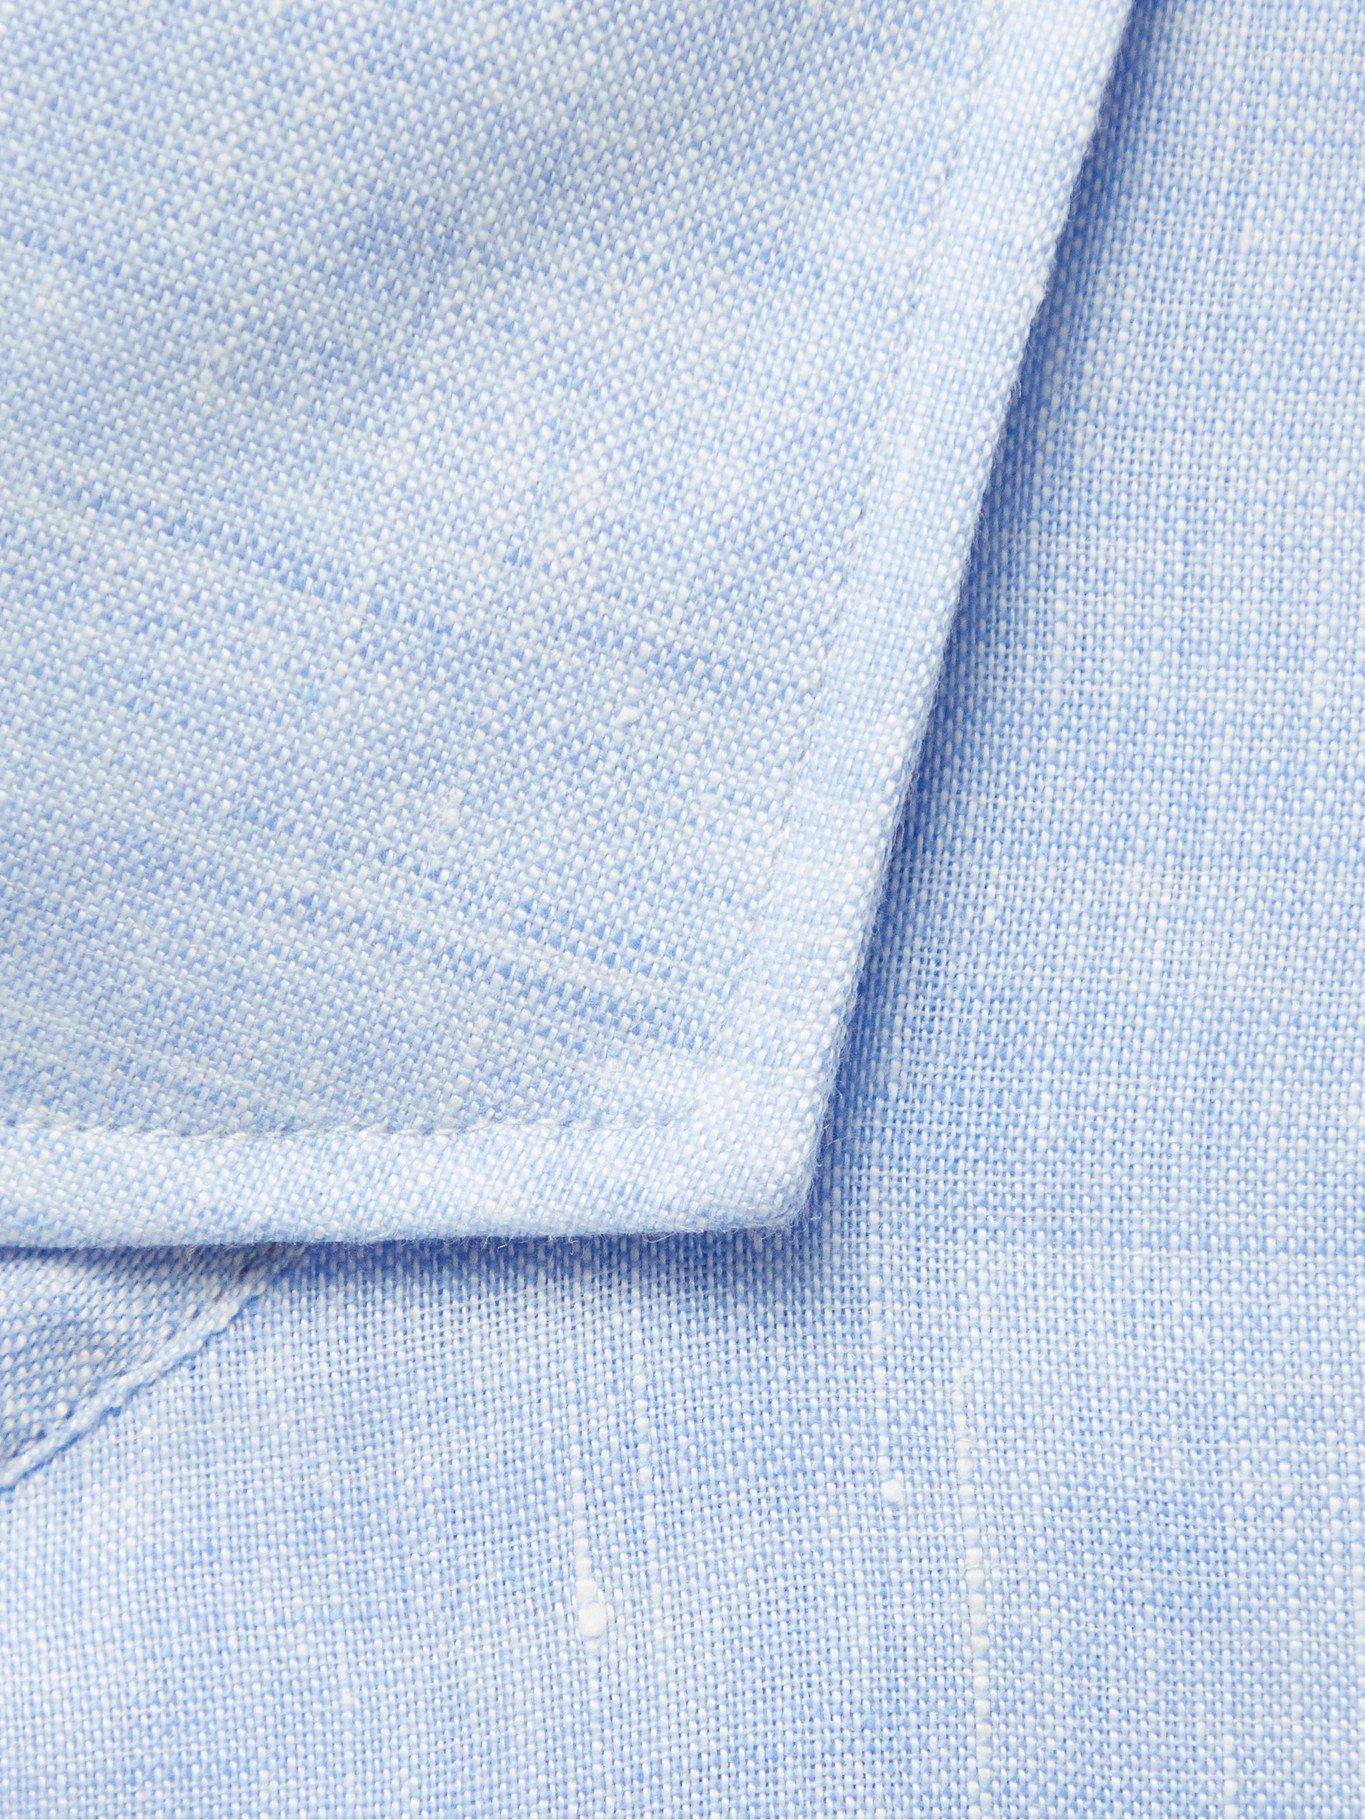 HUGO BOSS - Cutaway-Collar Linen Shirt - Blue